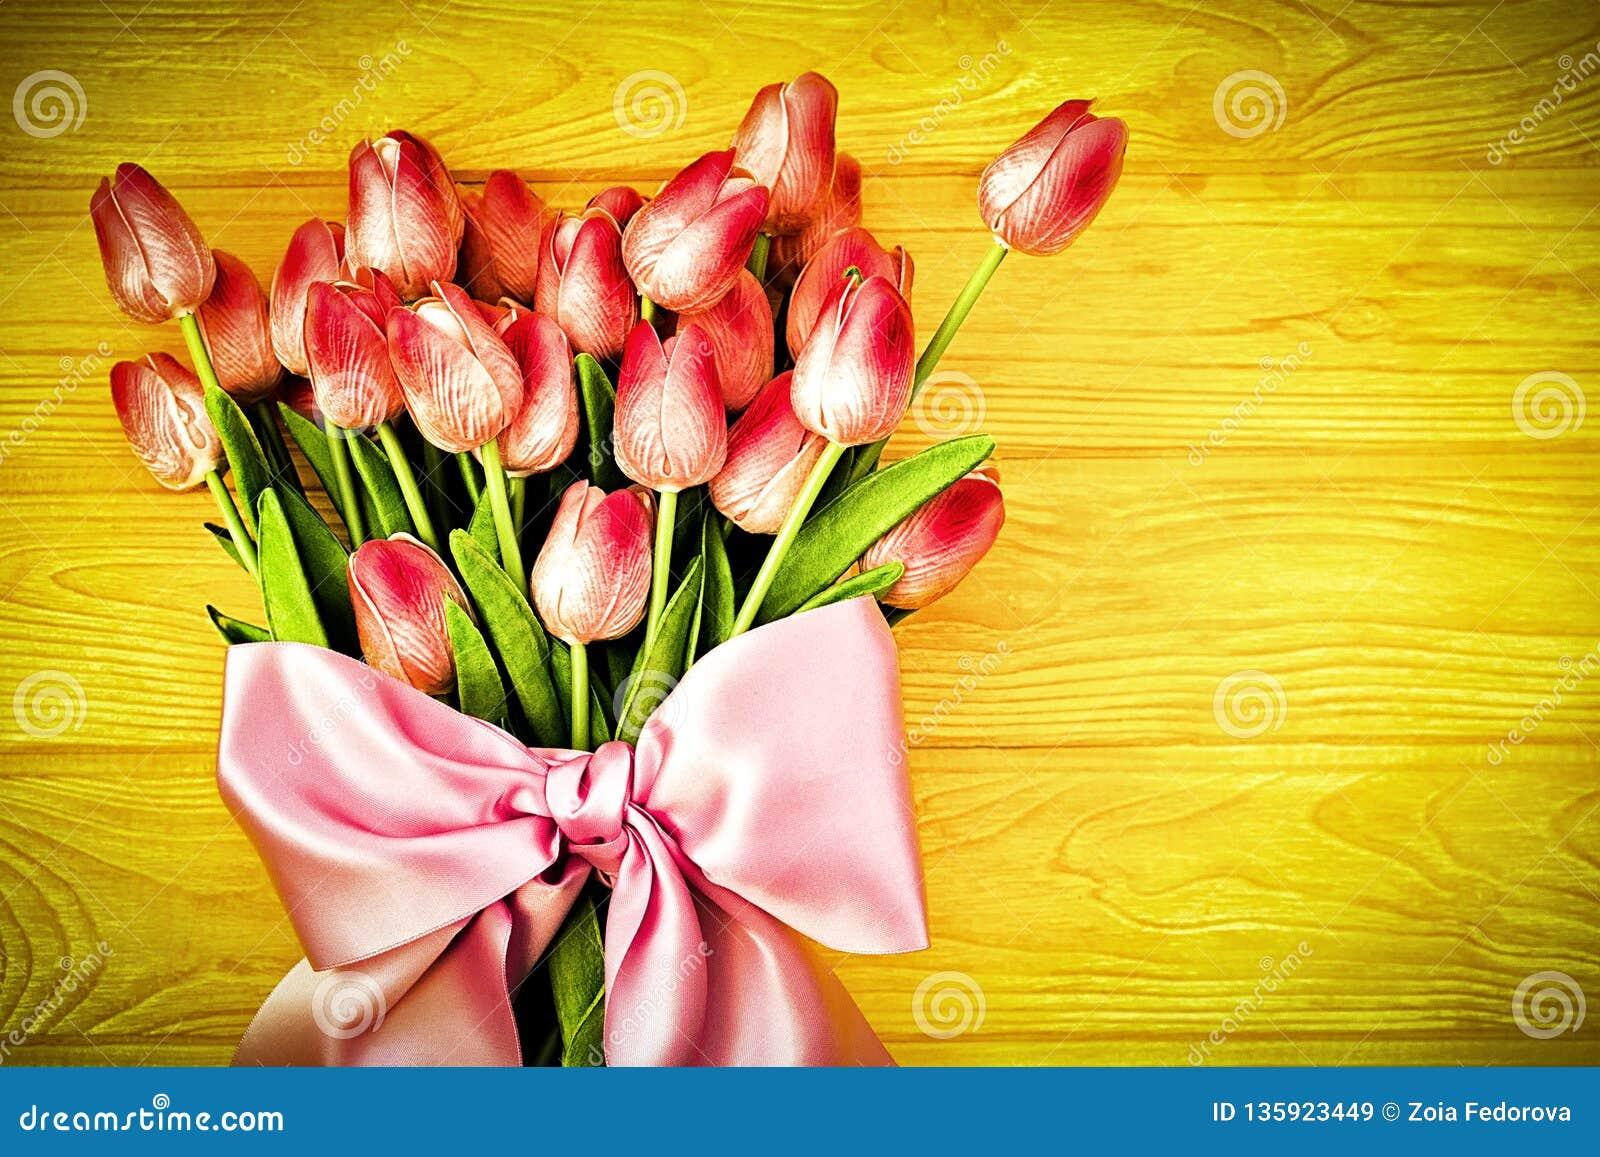 Fondo de la primavera con los tulipanes